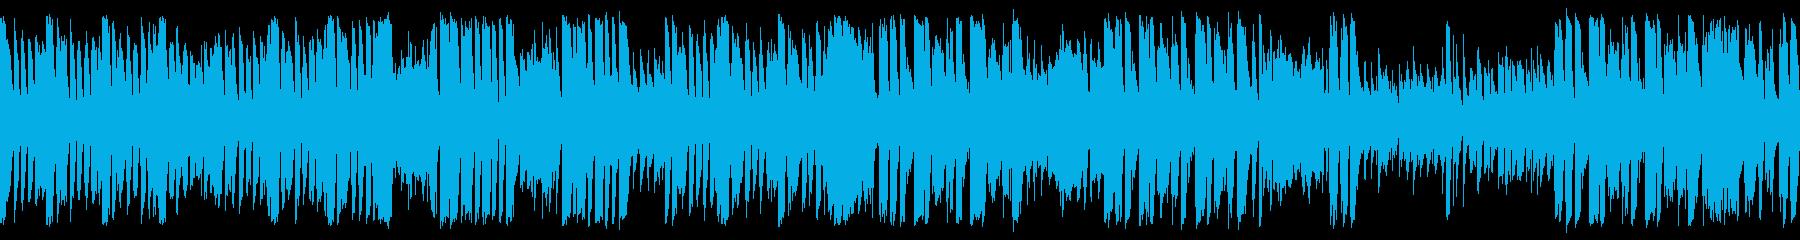 豪華ノリノリなジャズビッグバンド(ループの再生済みの波形